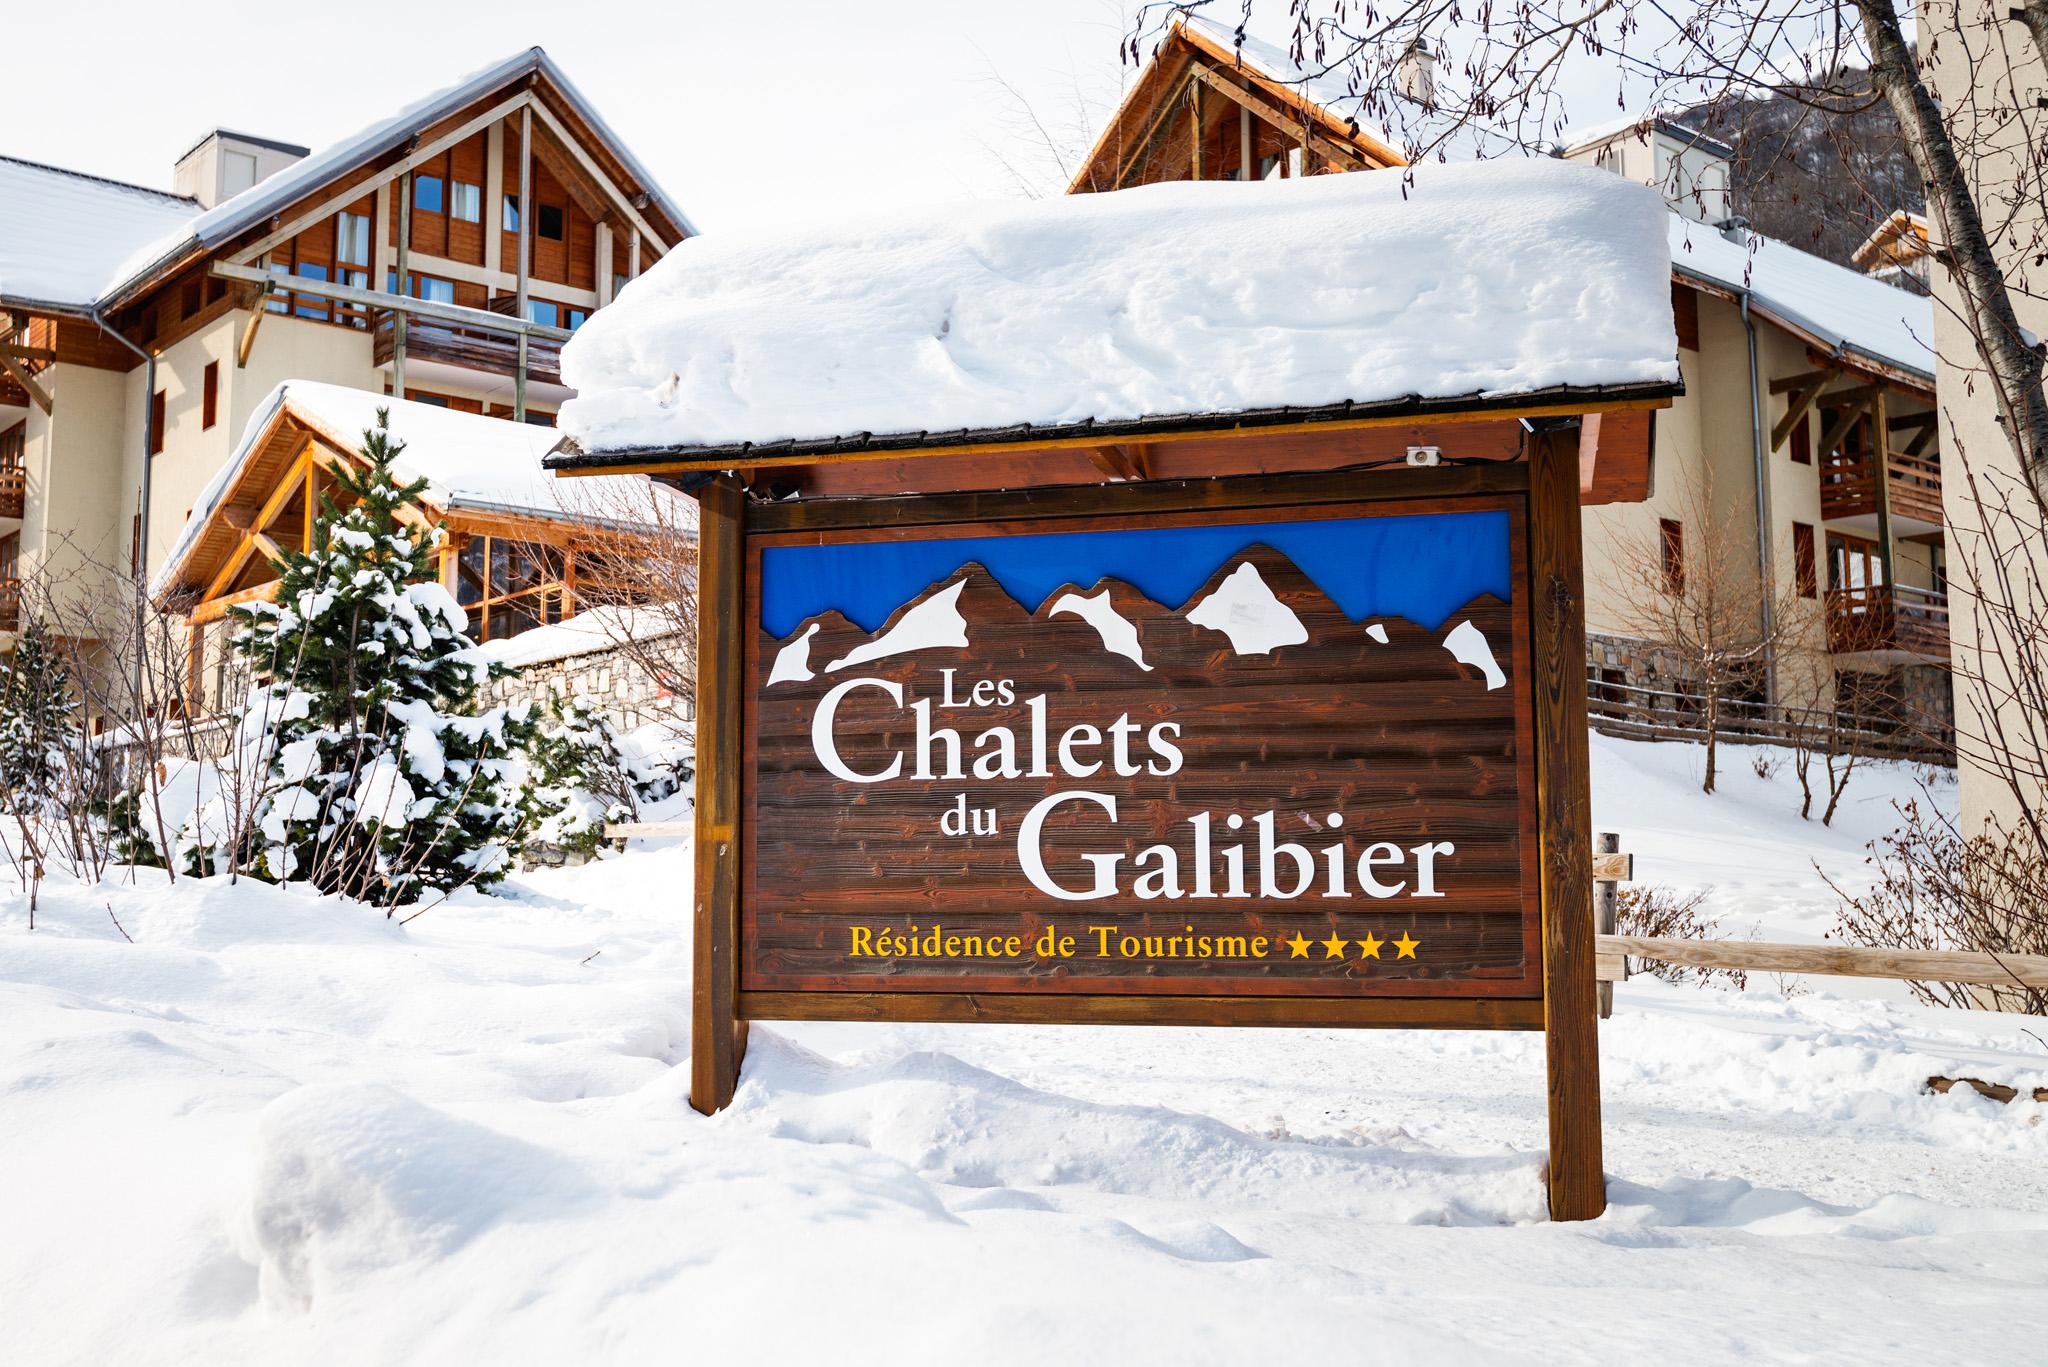 Résidence Lagrange - Les Chalets du Galibier © Les Chalets du Galibier